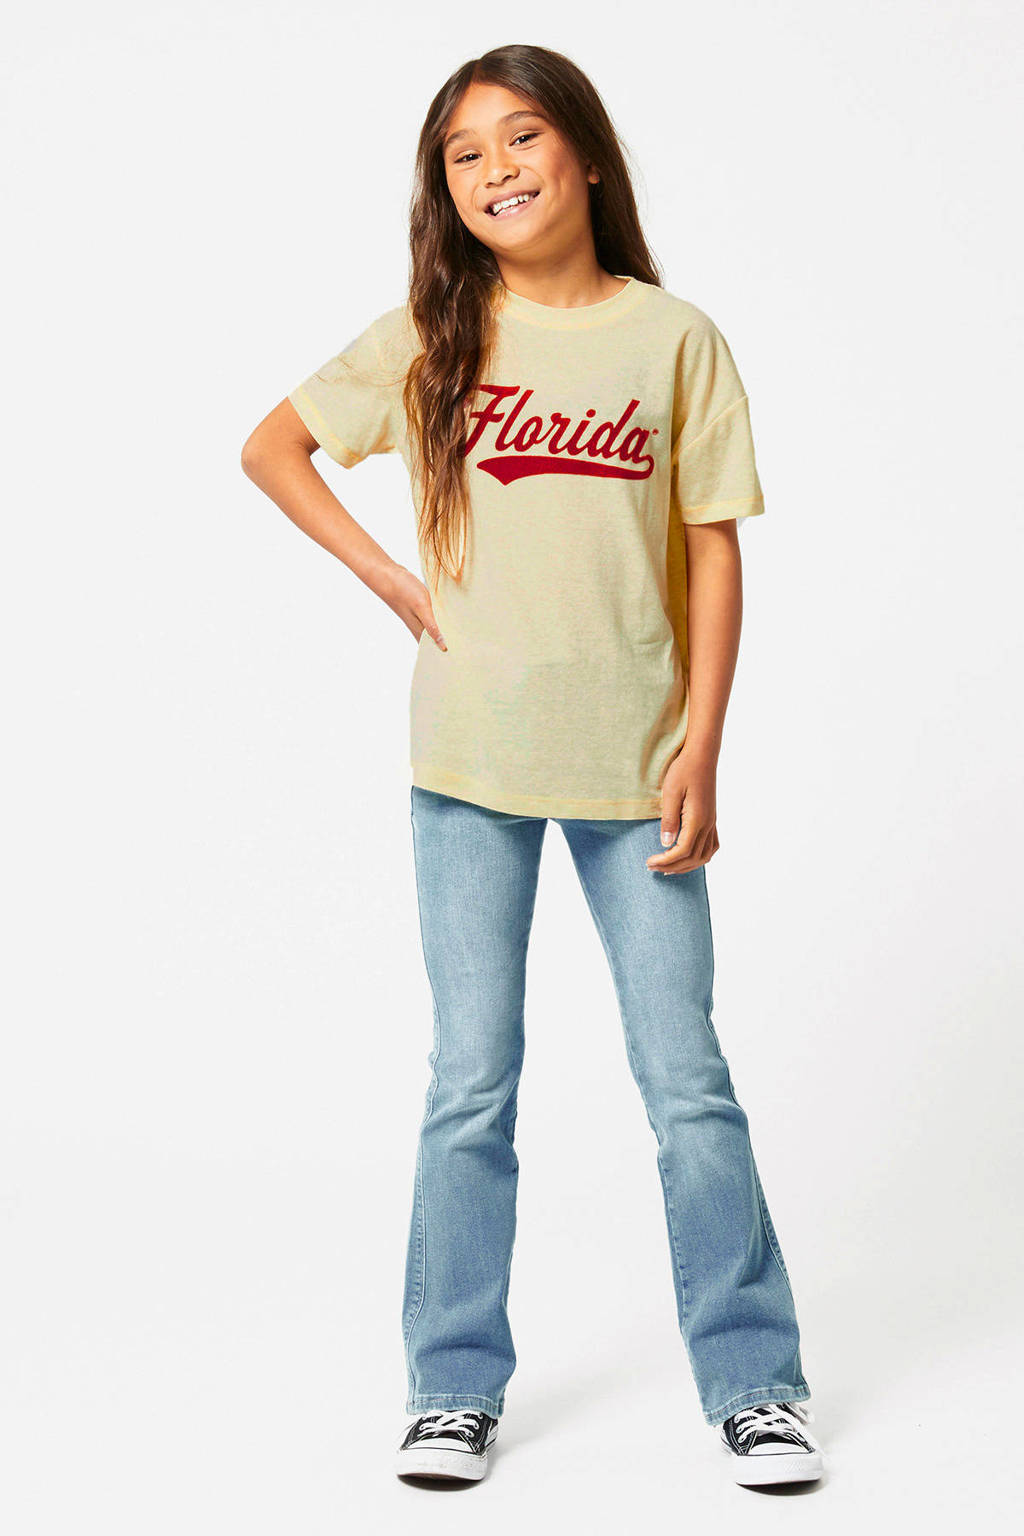 America Today Junior T-shirt Eliena met printopdruk lichtgeel/rood, Lichtgeel/rood